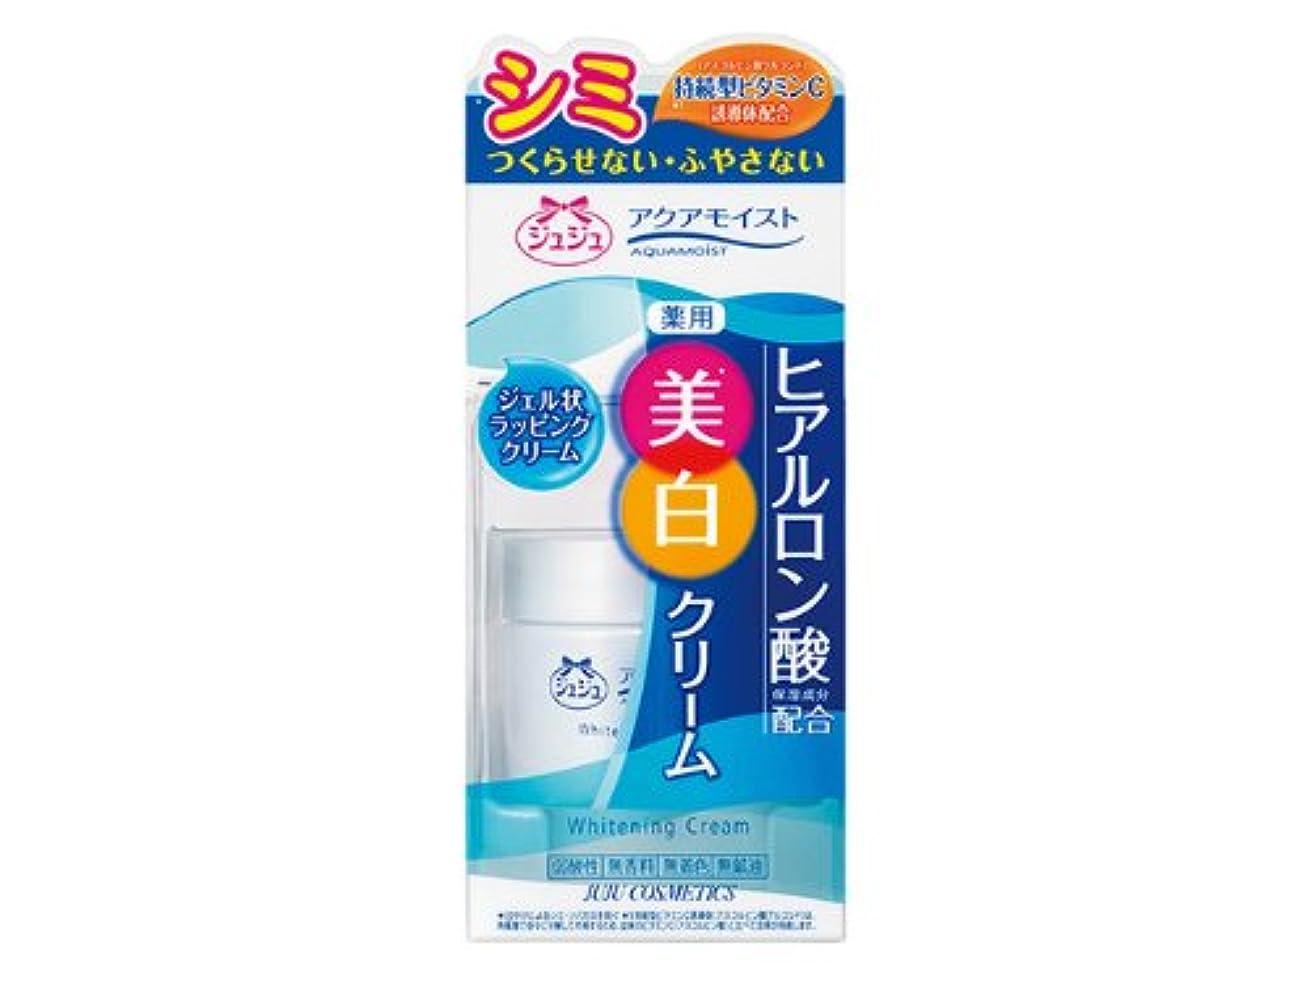 メロドラマティックアナログ行政アクアモイストC 薬用ホワイトニングクリームH 50g 【医薬部外品】